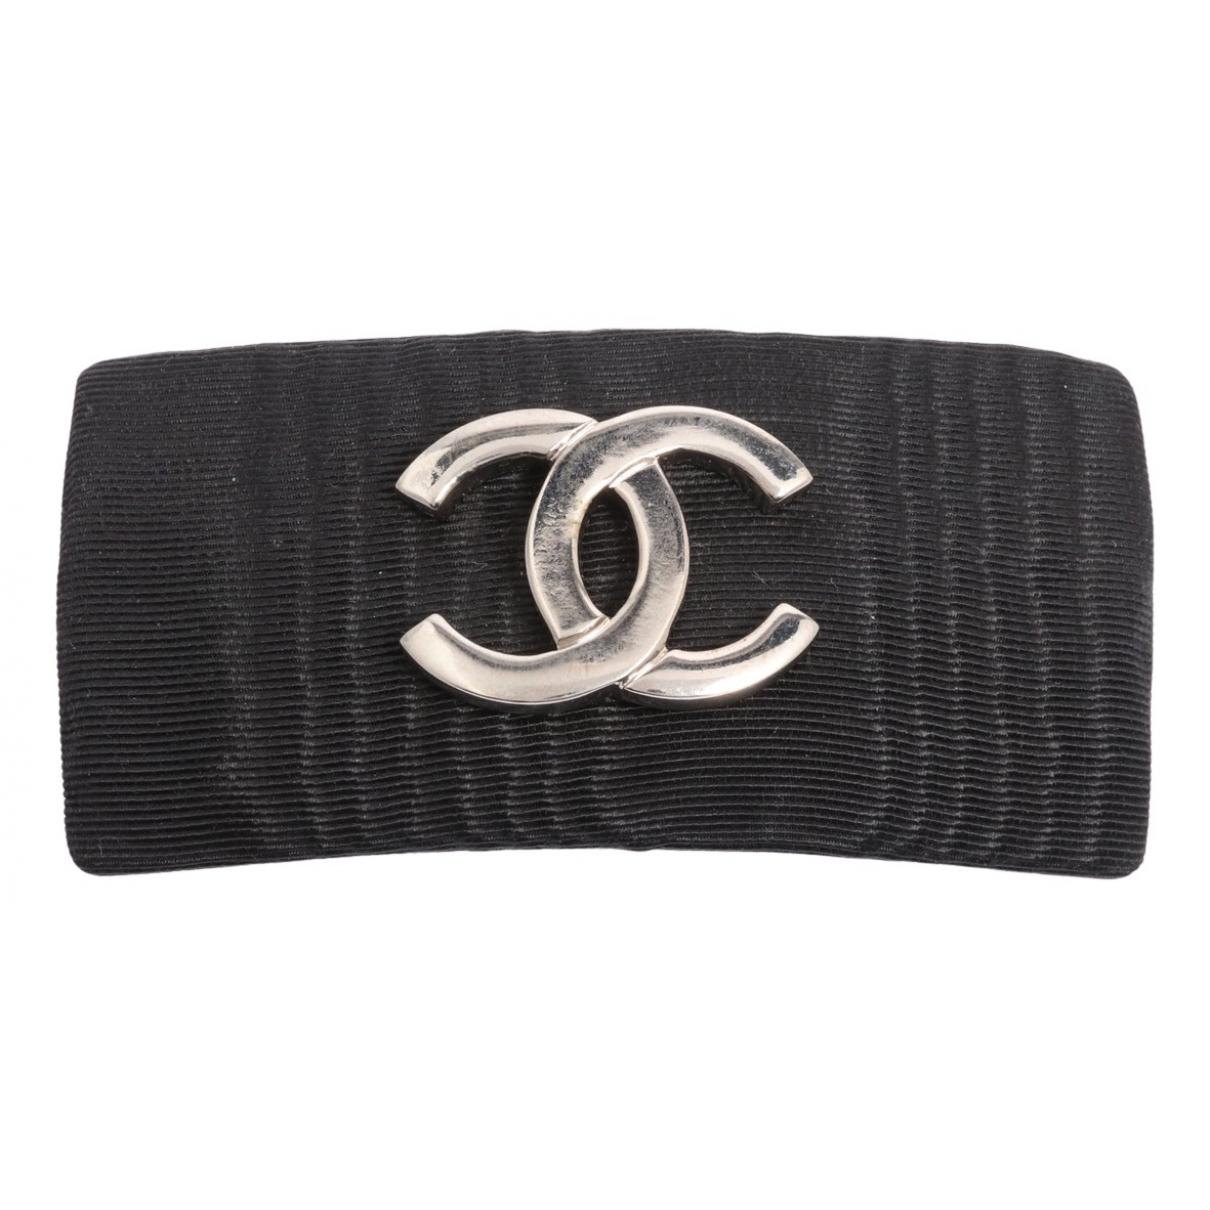 Accesorio para la cabeza de Lona Chanel